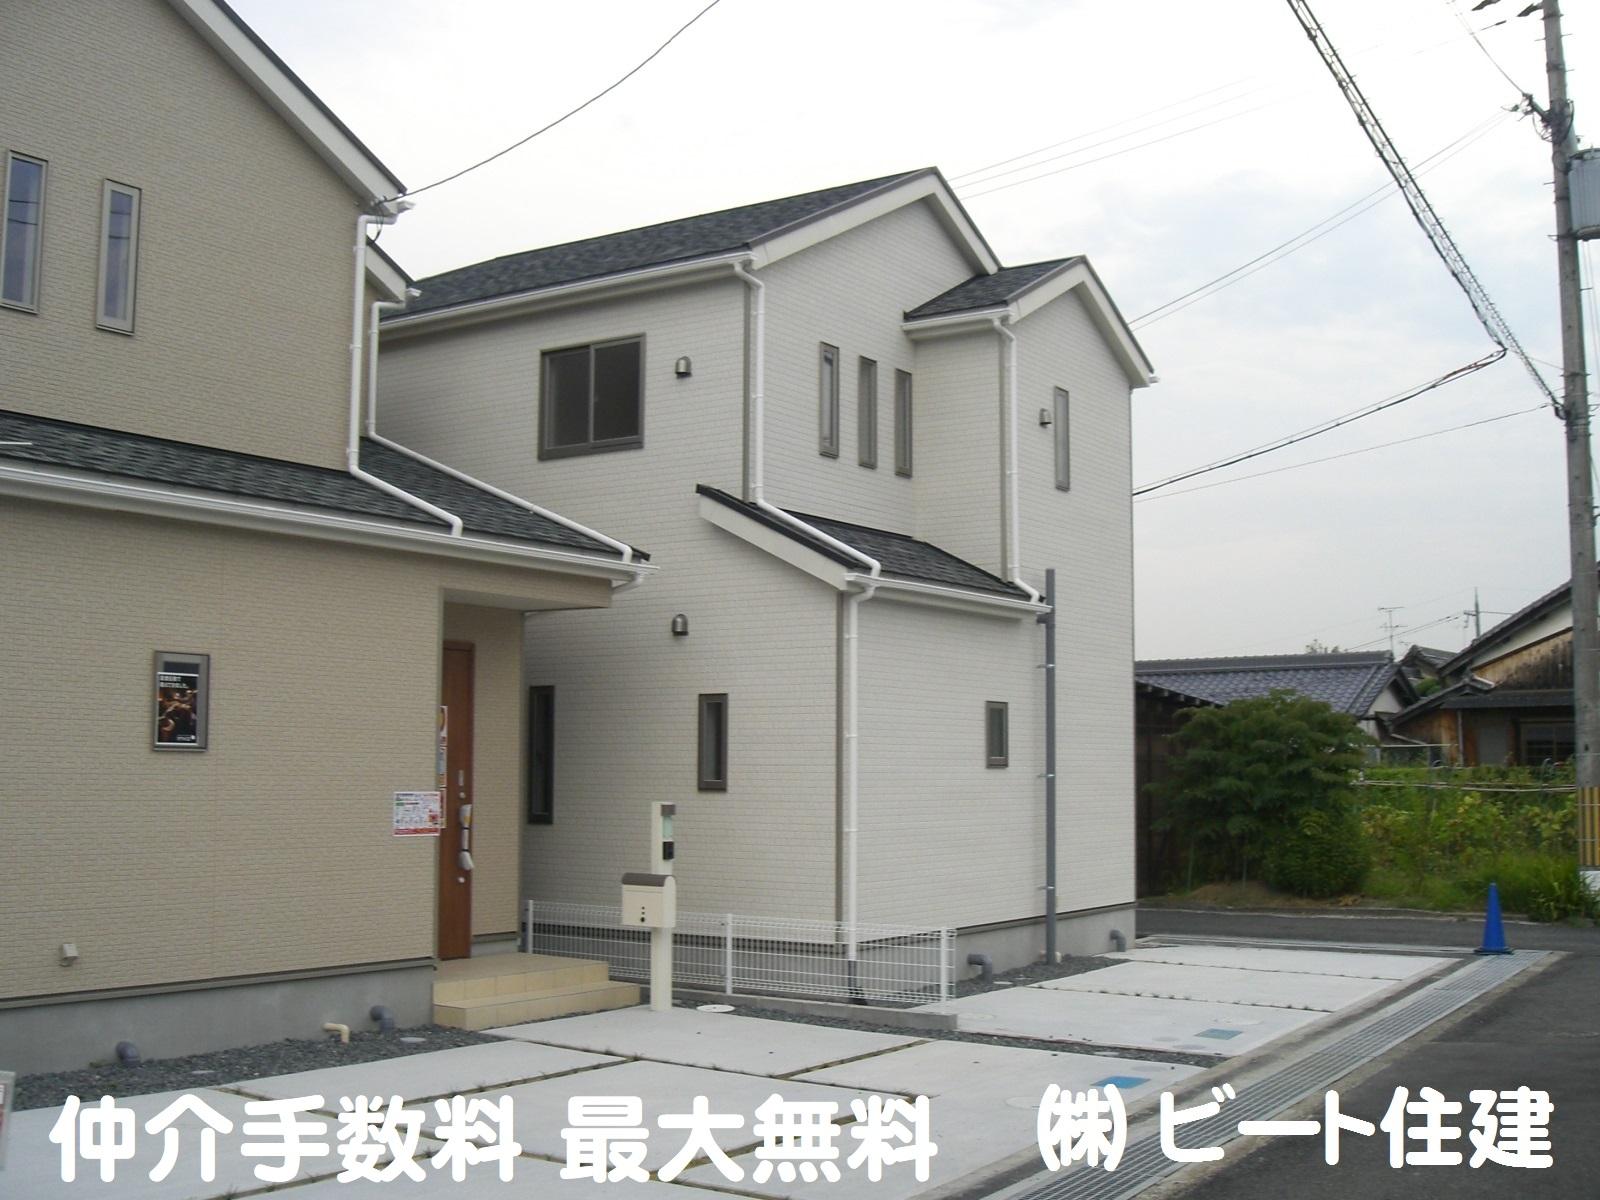 奈良県 斑鳩町 服部 新築 お買い得 ビート住建 お買い得 値引き 仲介手数料 最大無料